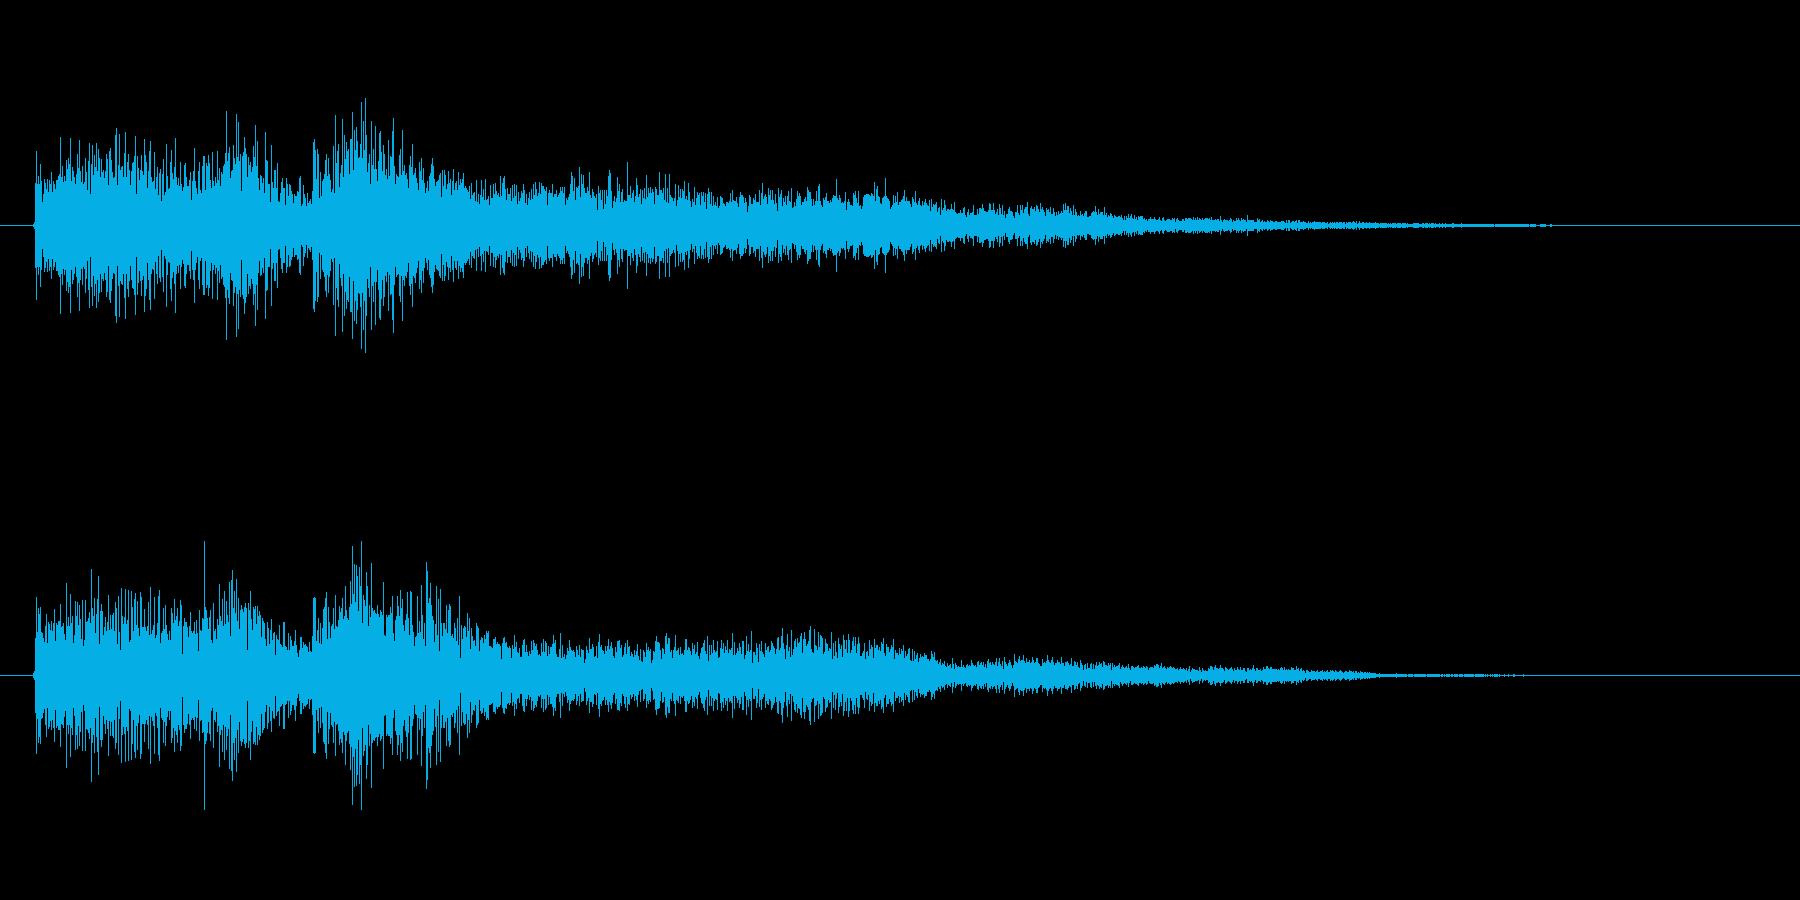 レベルアップ用音源オーケストラテクノの再生済みの波形